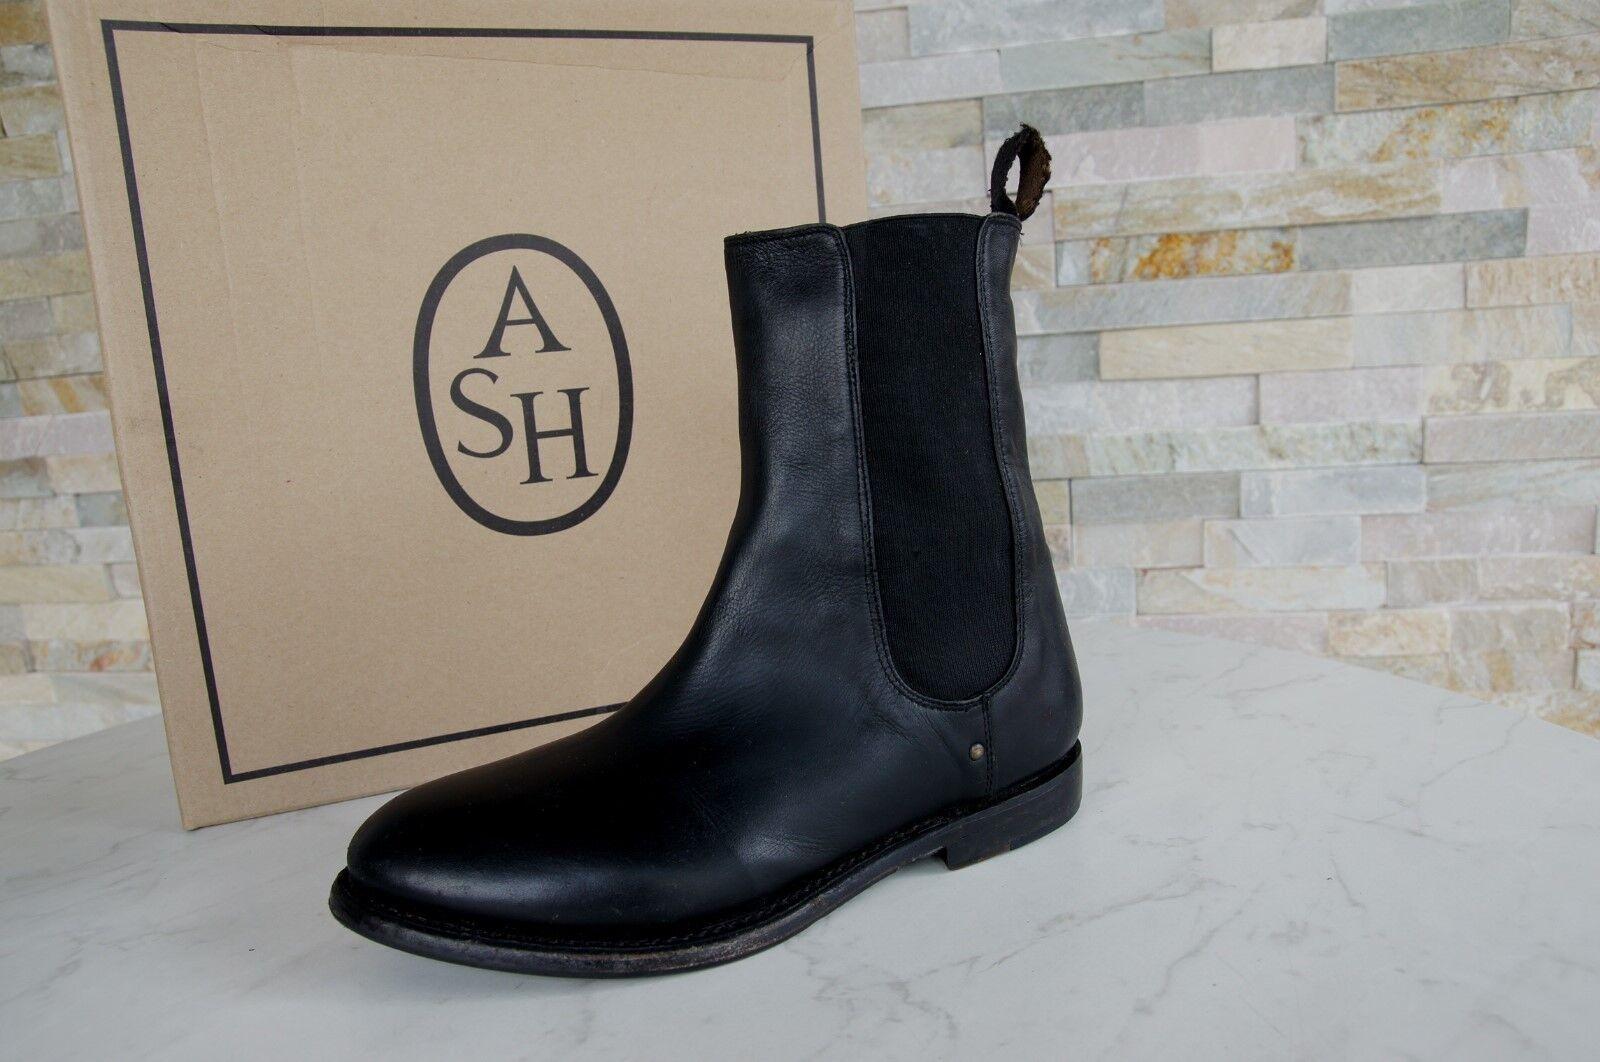 ASH Gr 38 Booties Schuhe Stiefeletten Vintage Country Patty schwarz neu